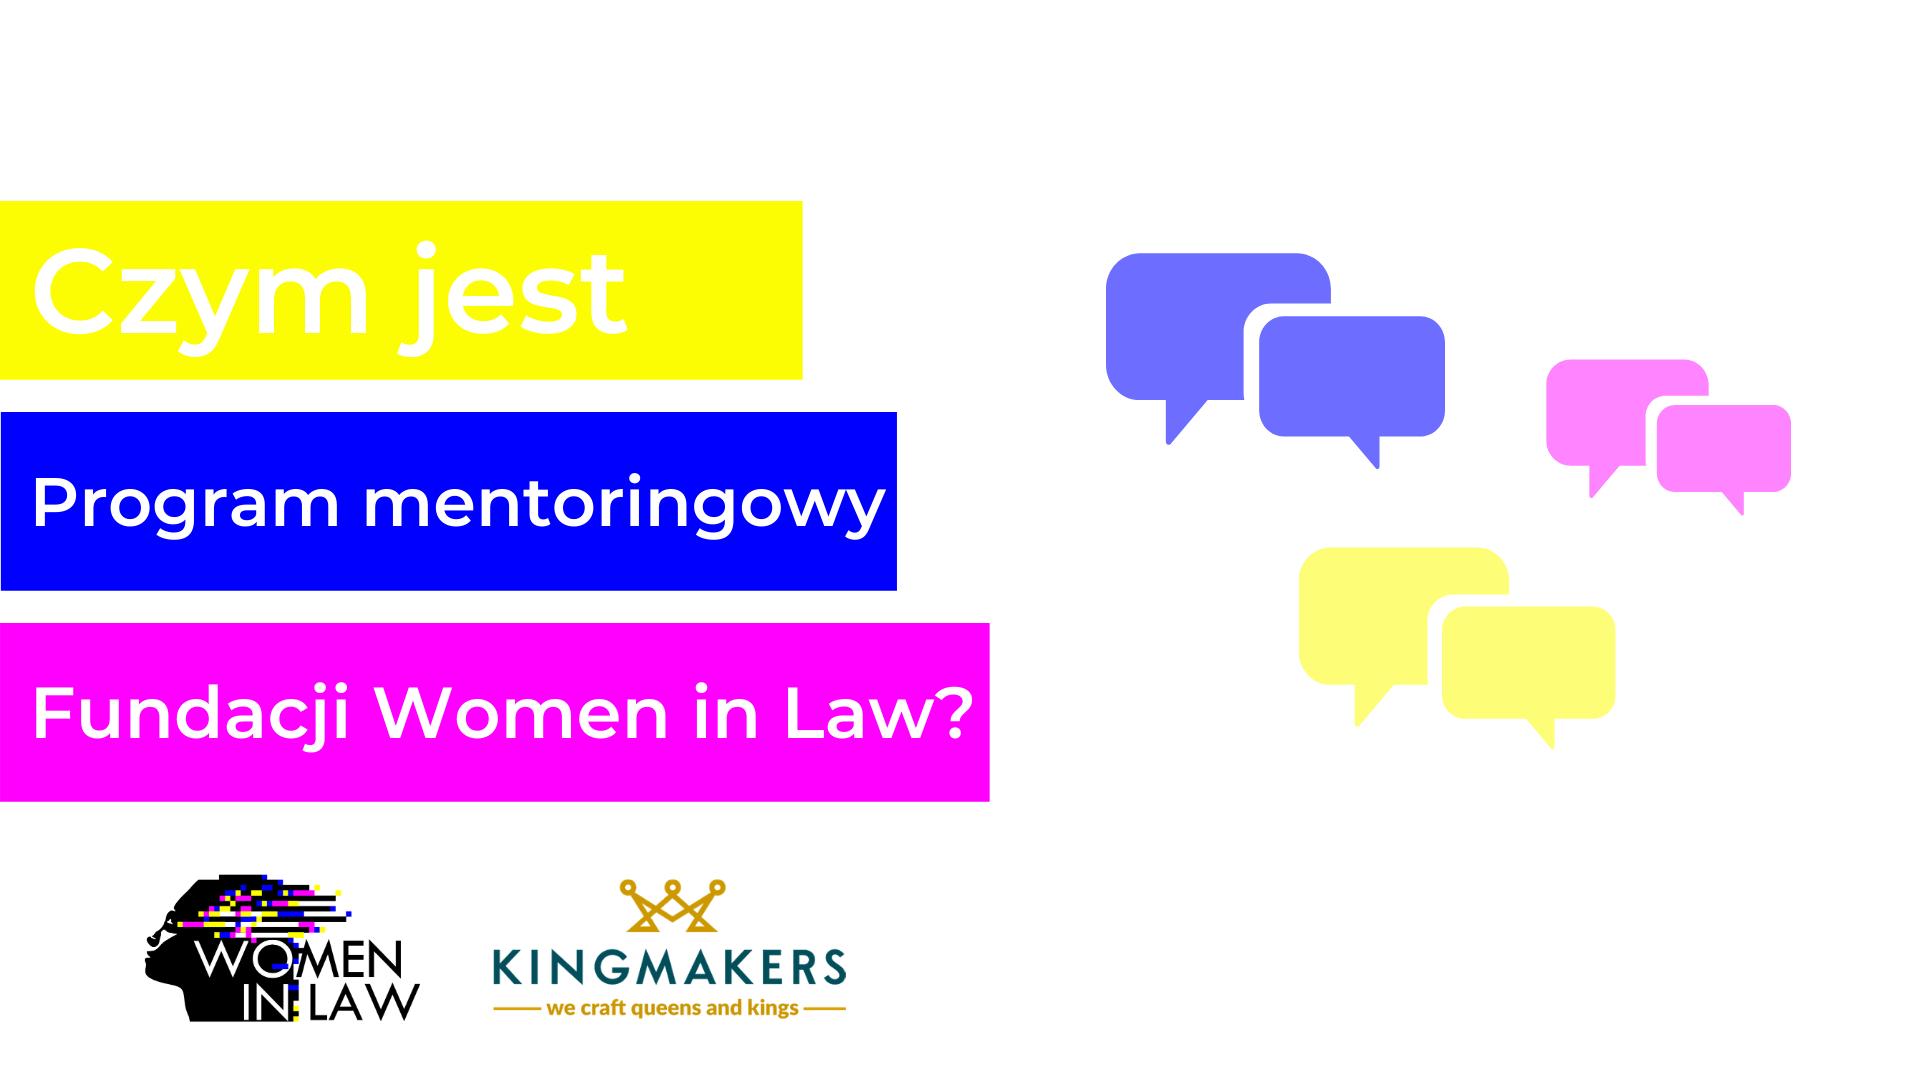 Women in Law - Program mentoringowy